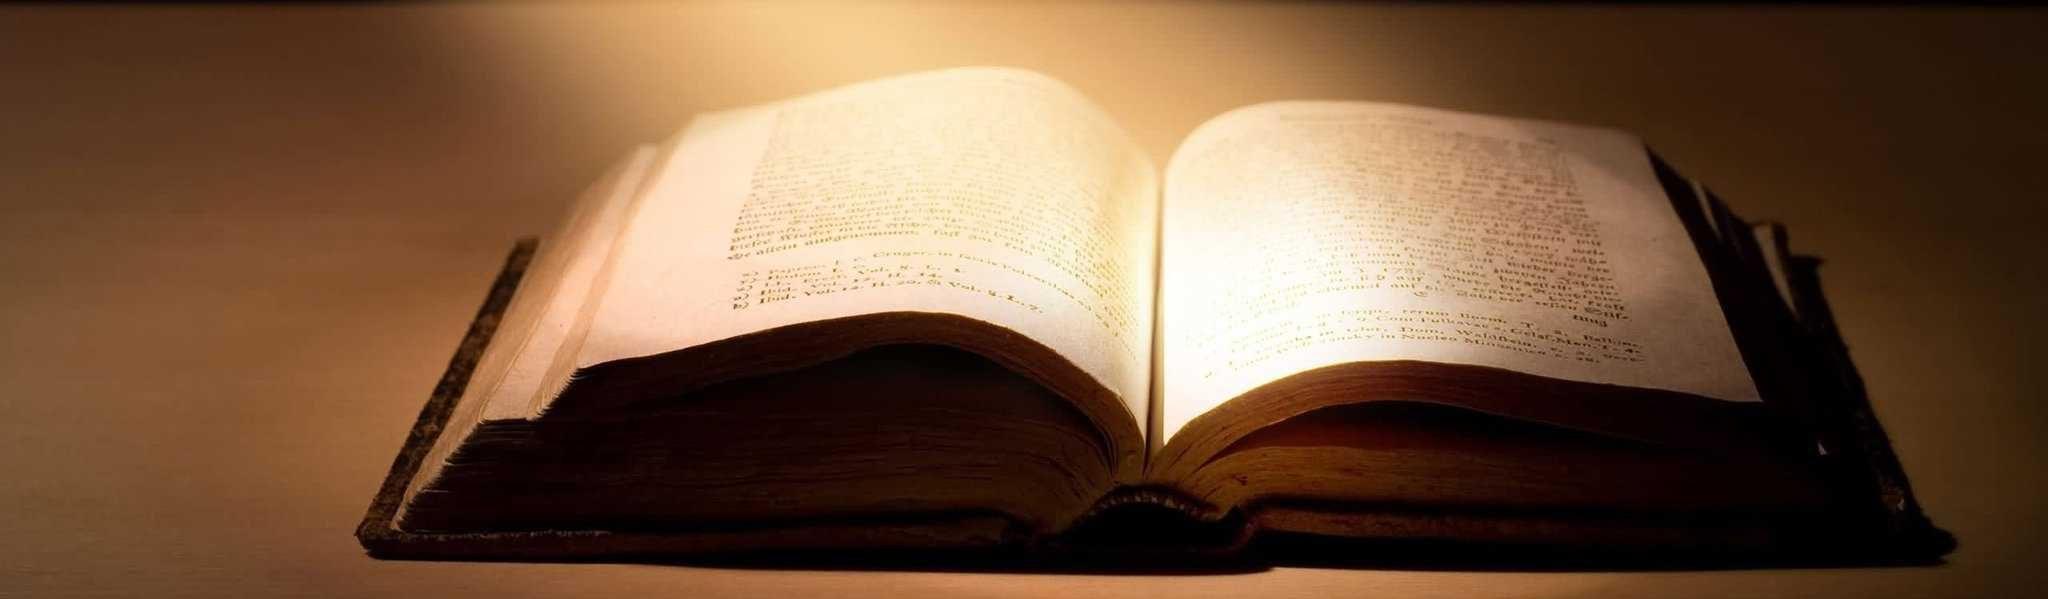 Krąg Biblijny Parafii pw. Chrystusa Odkupiciela i NMP Matki Kościoła w Świdniku